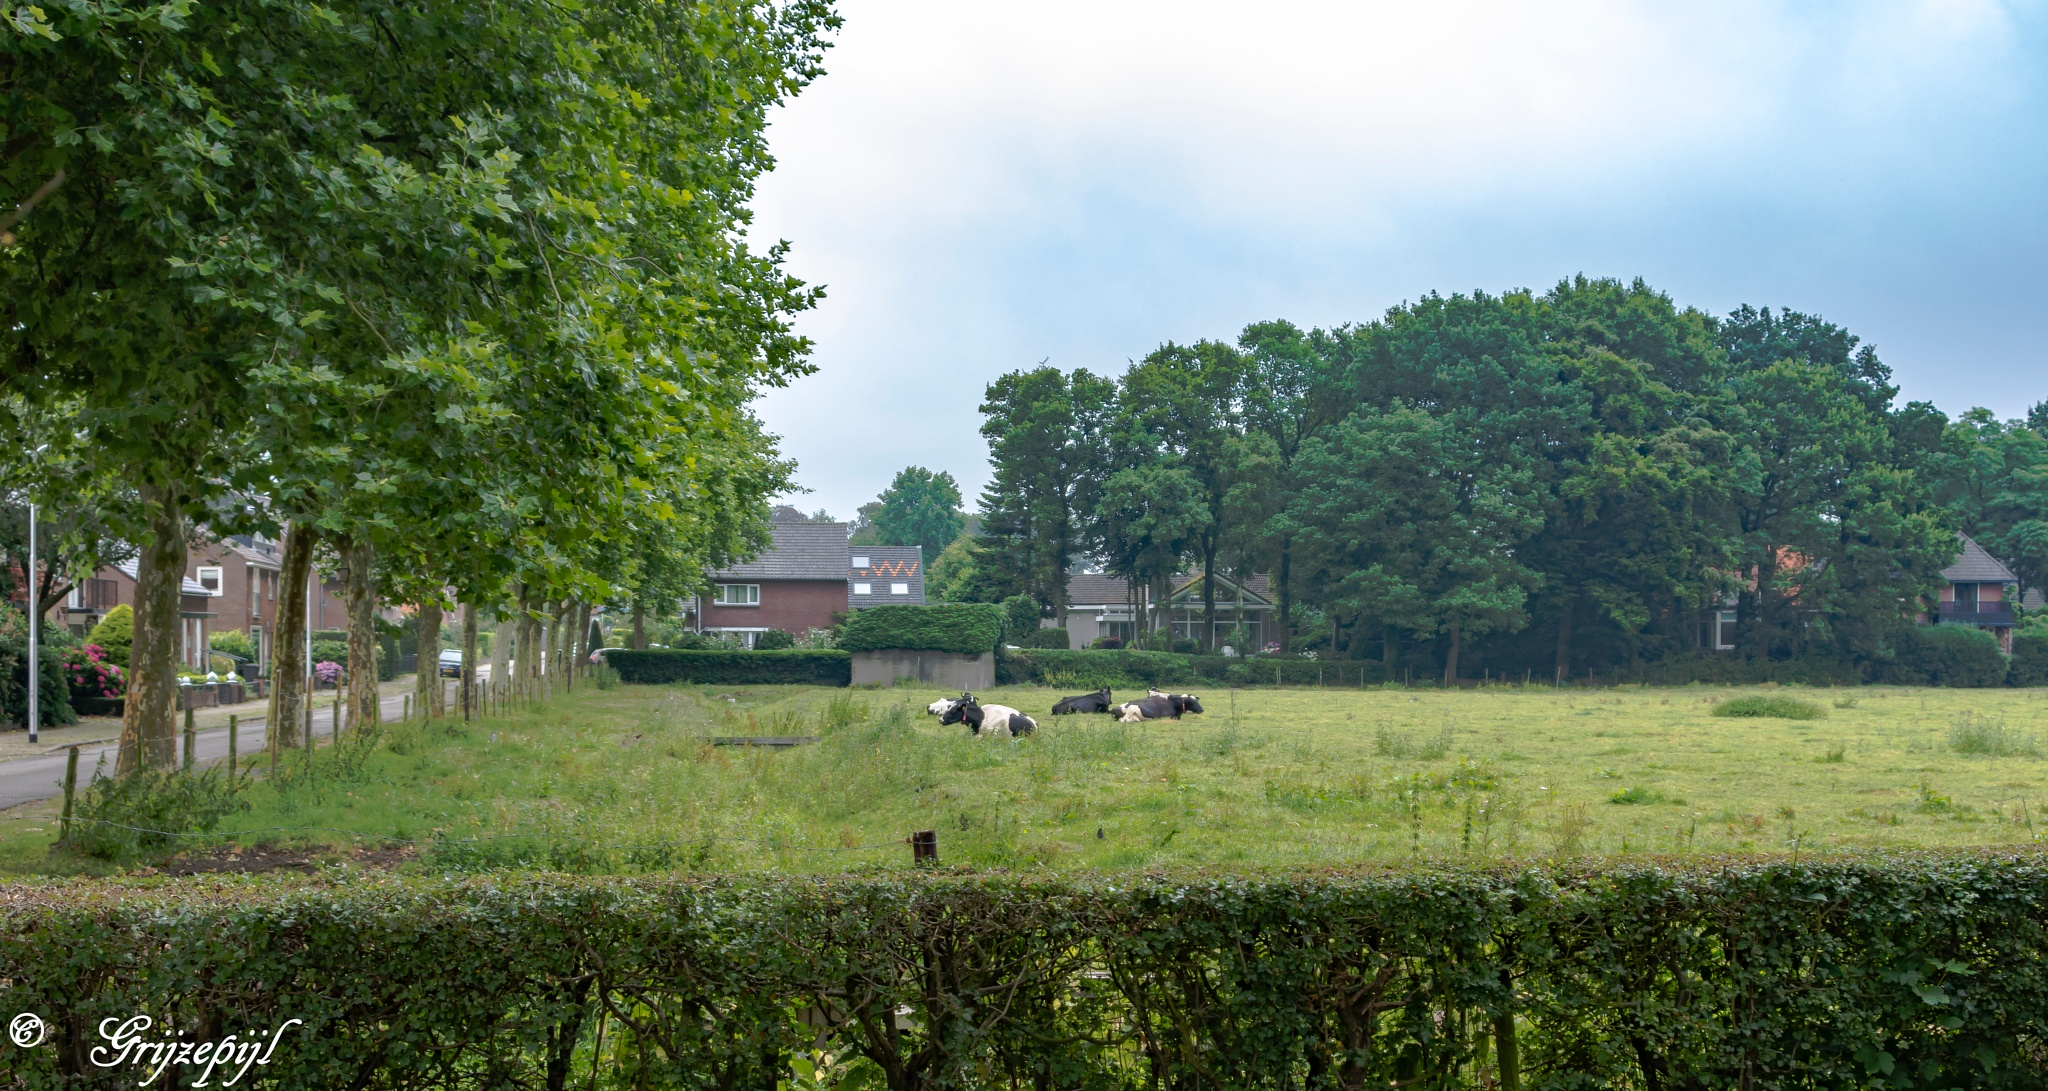 Village Grassland in Muiderberg 2 by ETWEL